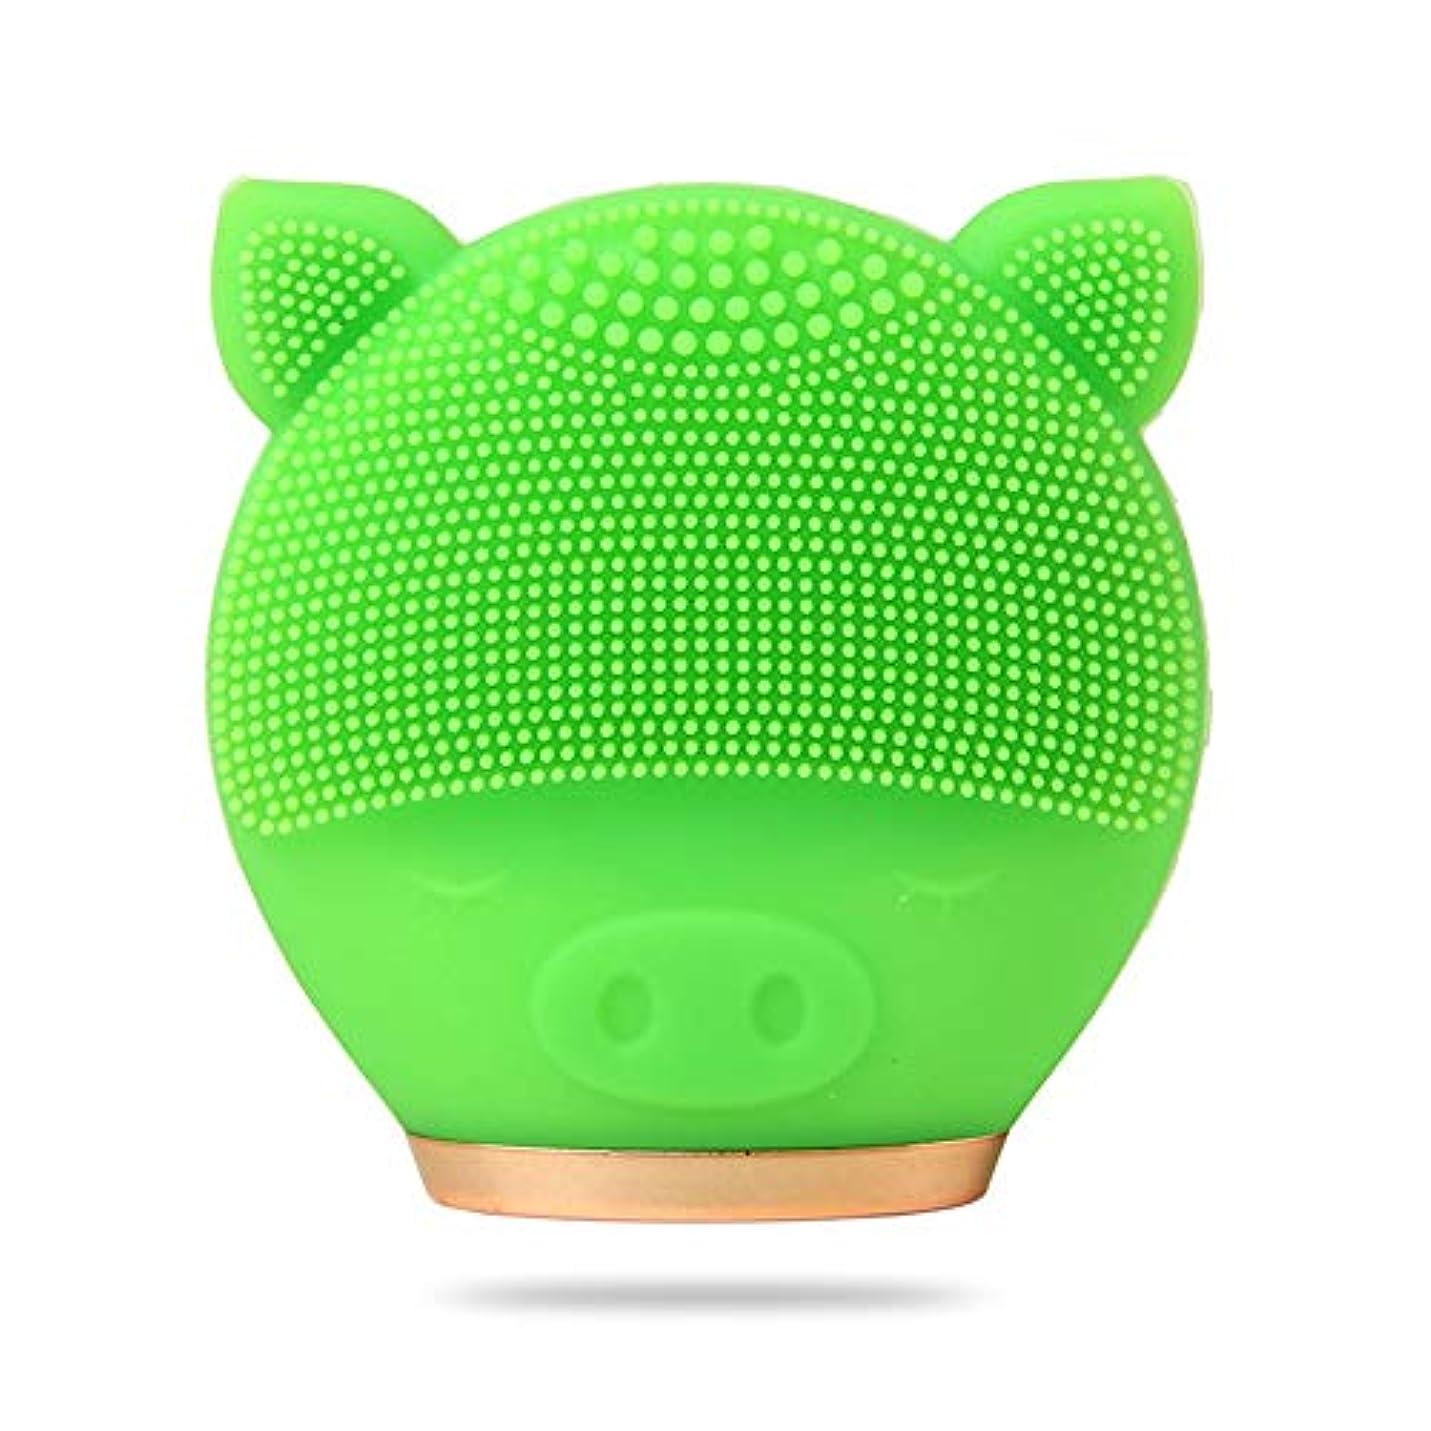 シダ鎮痛剤周術期ZXF 新しい豚モデル電気クレンジング楽器シリコーン超音波振動洗浄顔顔毛穴クリーナー美容器具 滑らかである (色 : Green)